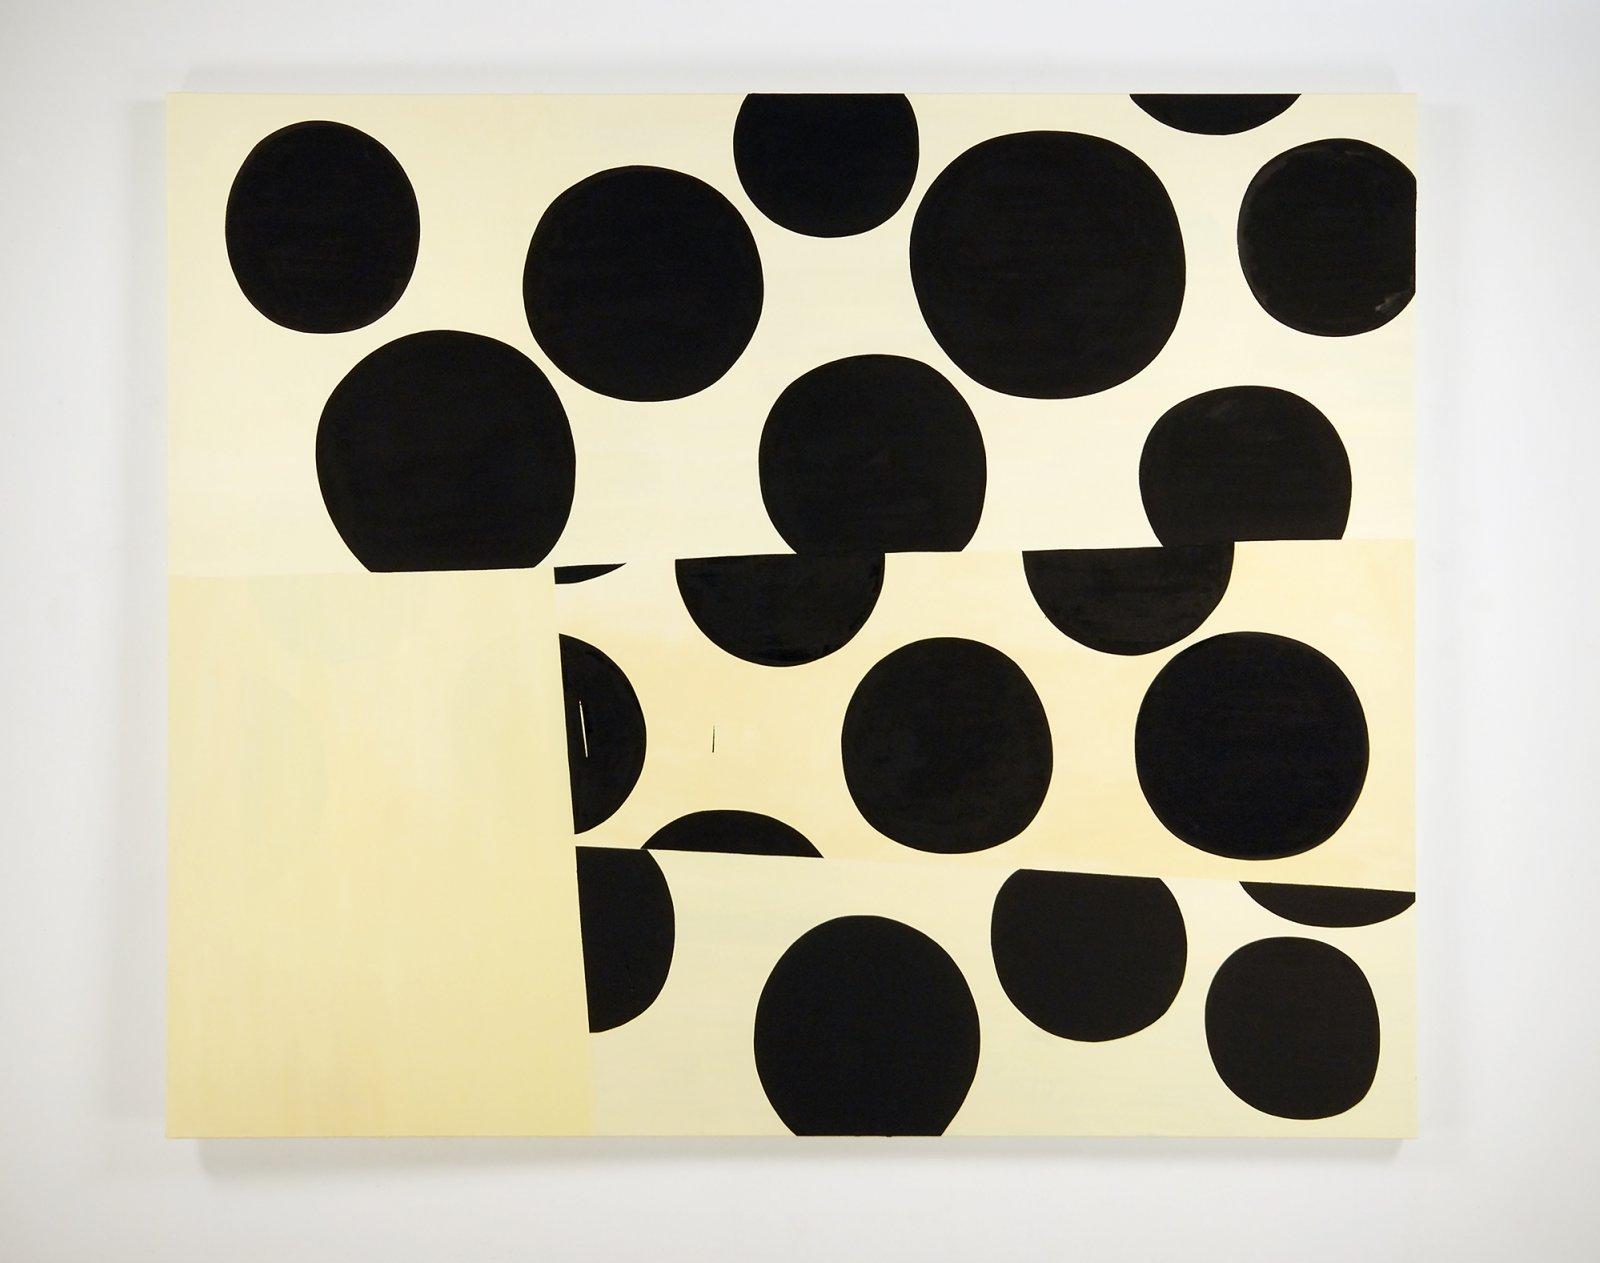 Elizabeth McIntosh, Untitled (Black Dots on Swatches), 2010, oil on canvas, 75 x 90 in. (191 x 229 cm) by Elizabeth McIntosh